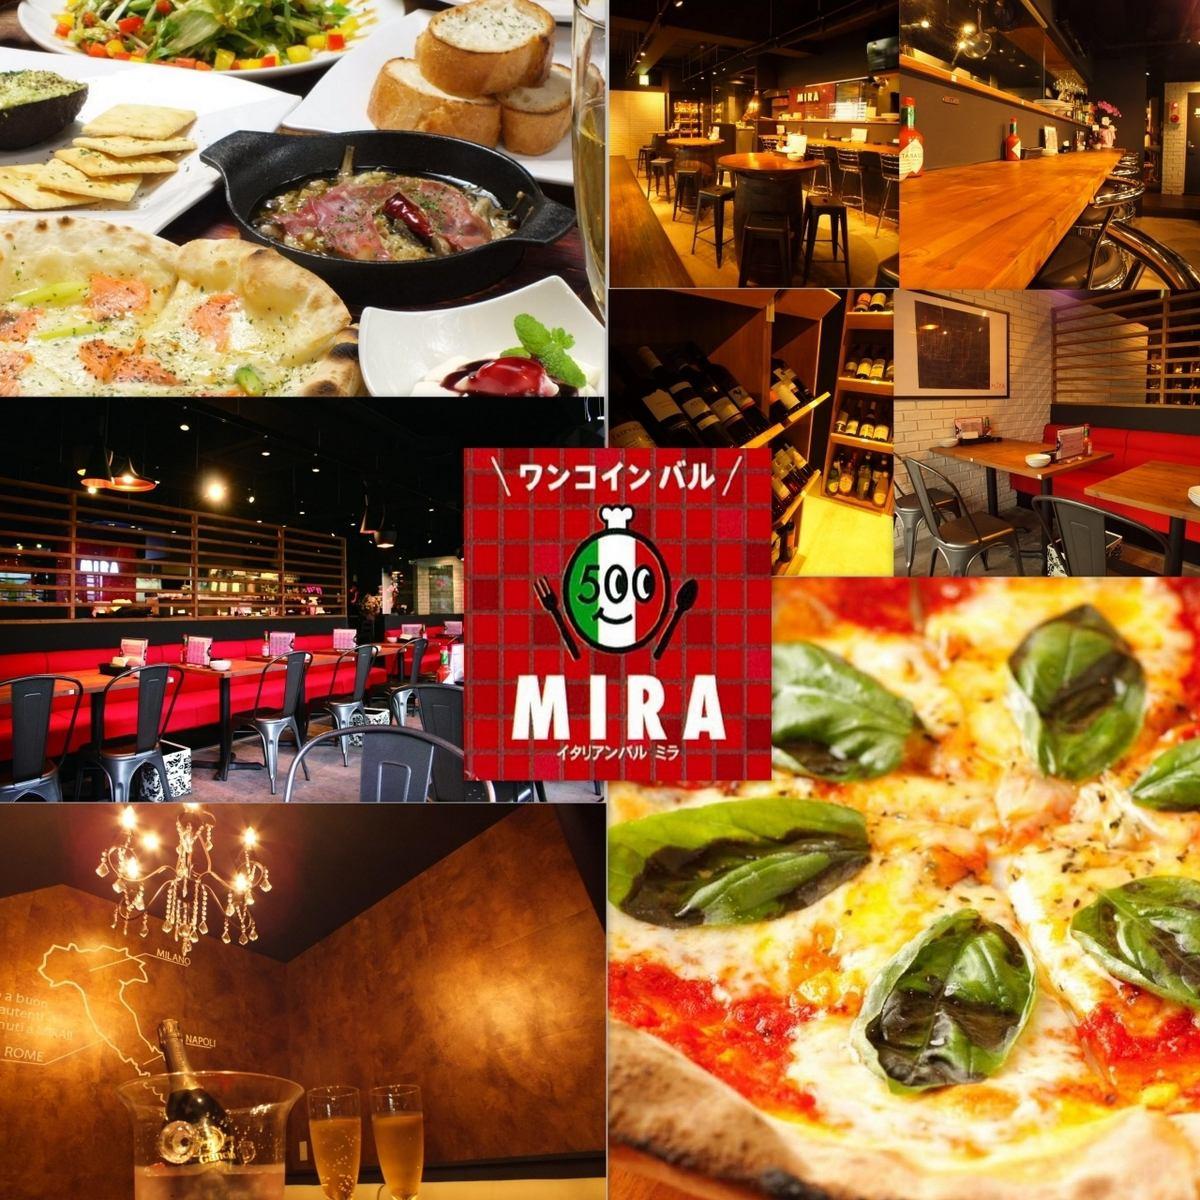 在2018 MIRA由MIRA如果你吃了抢正宗的比萨确定!4周年♪